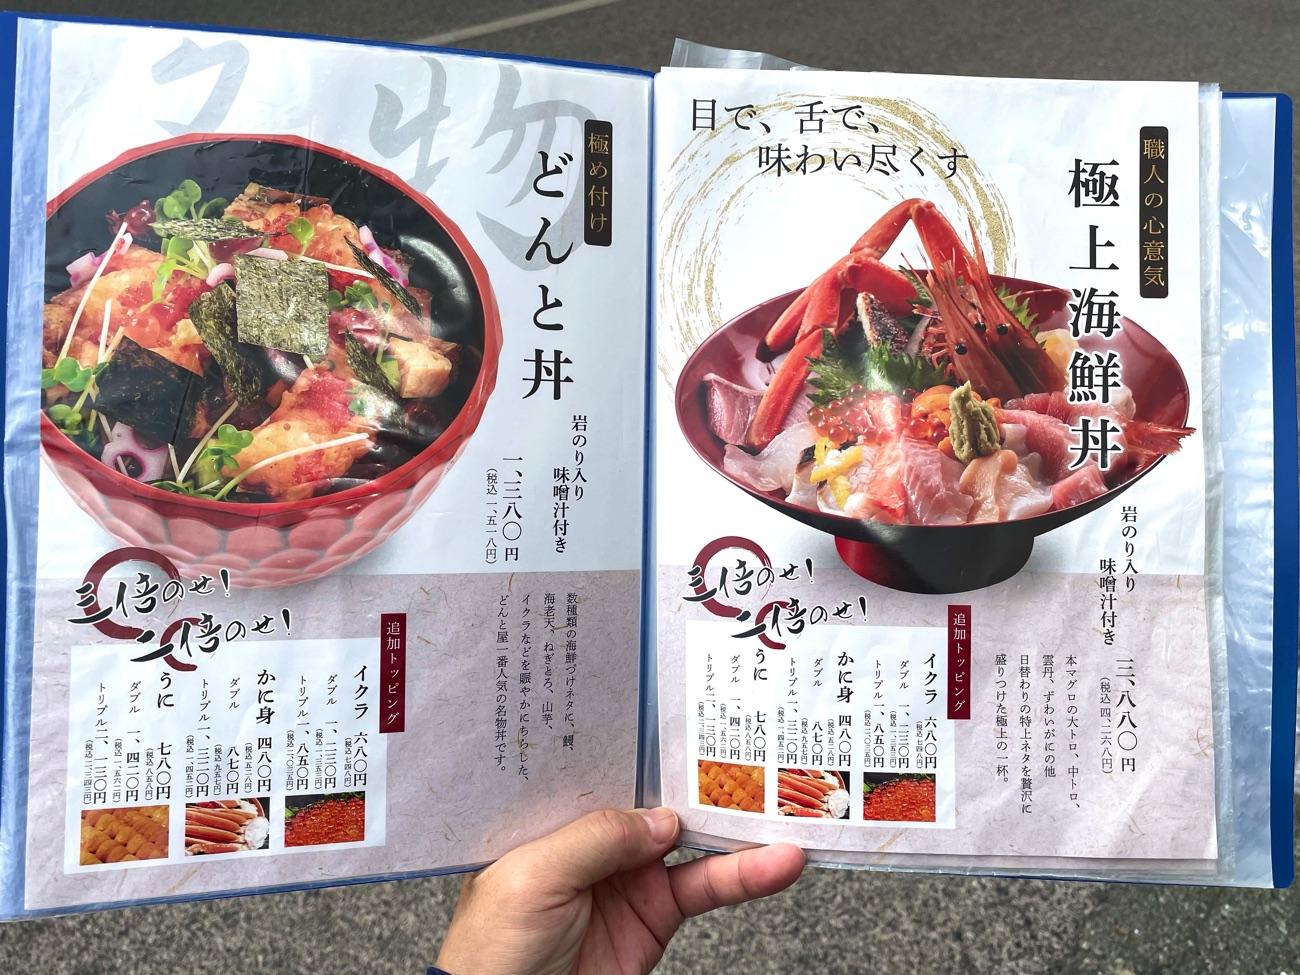 人気メニューの「どんと丼」と「特上海鮮丼」